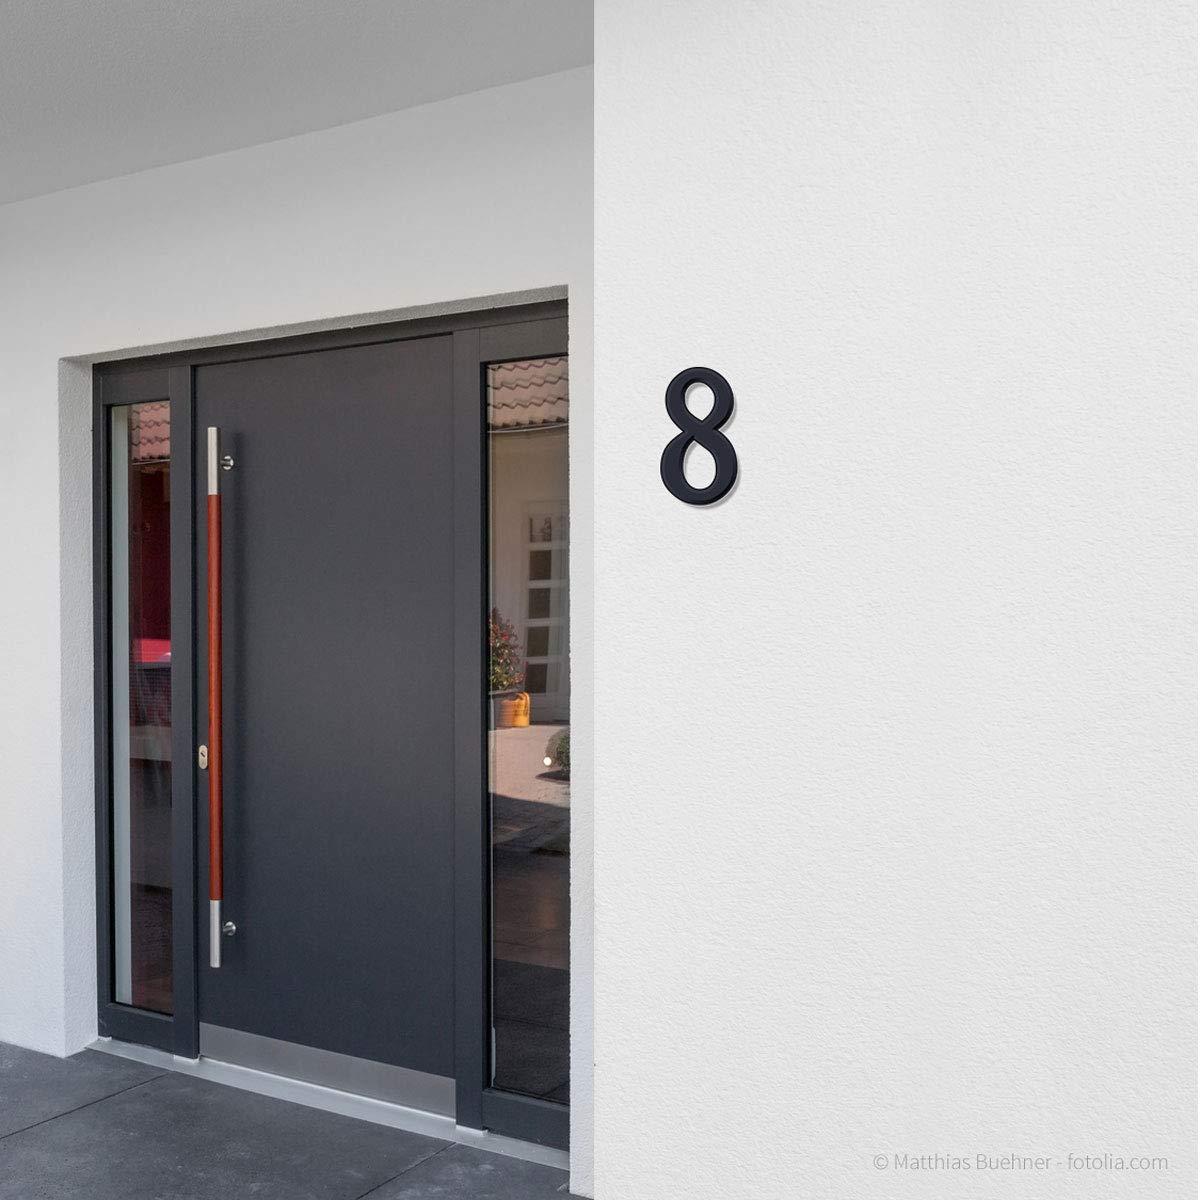 5 anthrazit pulverbeschichtet Thorwa/® verschn/örkelte Design Edelstahl Hausnummer Cabaletta Stil RAL 7016 H: 200mm